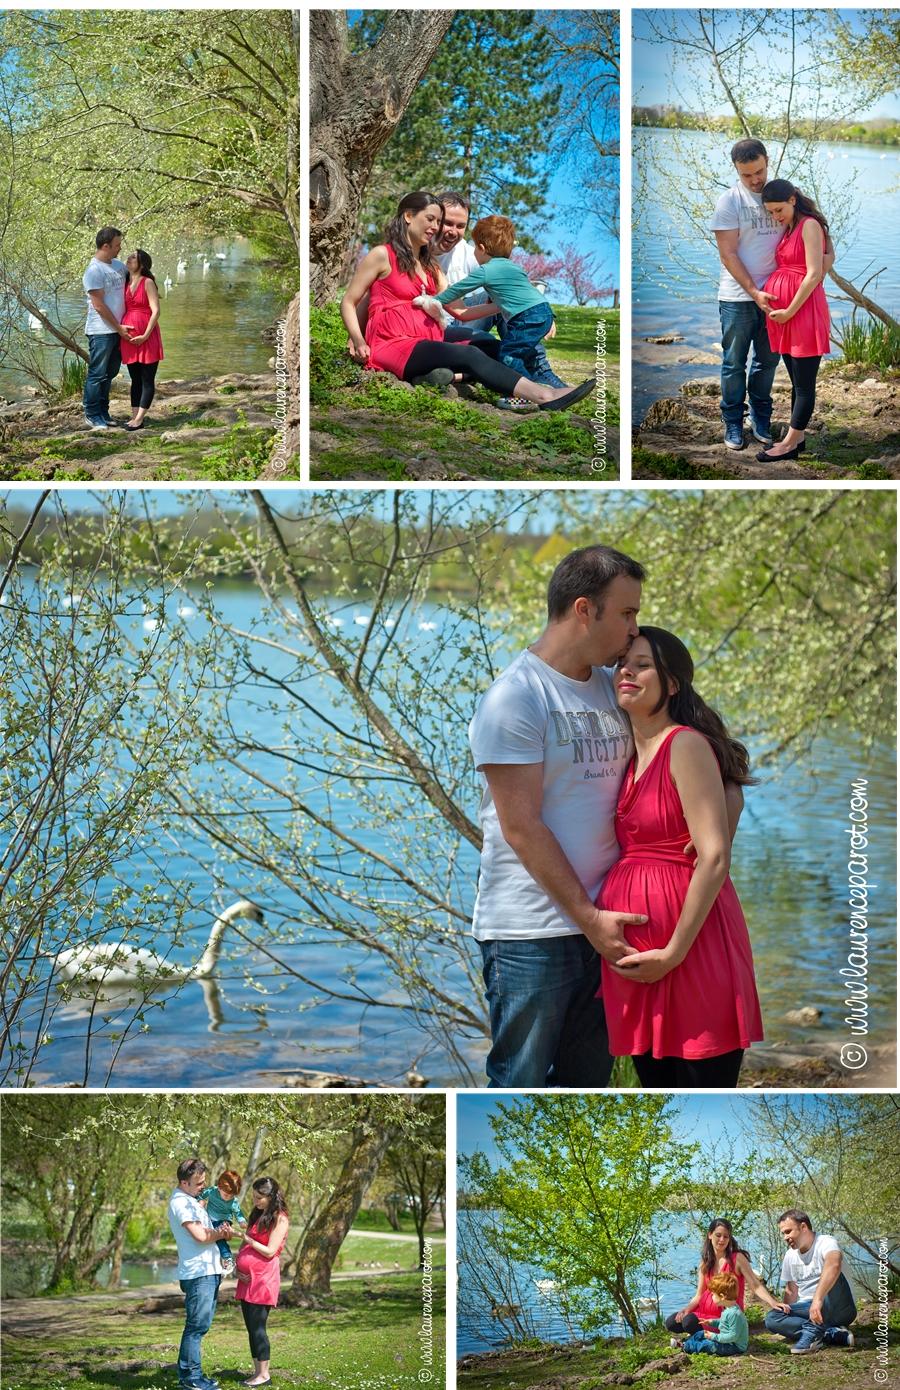 laurence parot photographe spécialisé grossesse mariage naissance famille